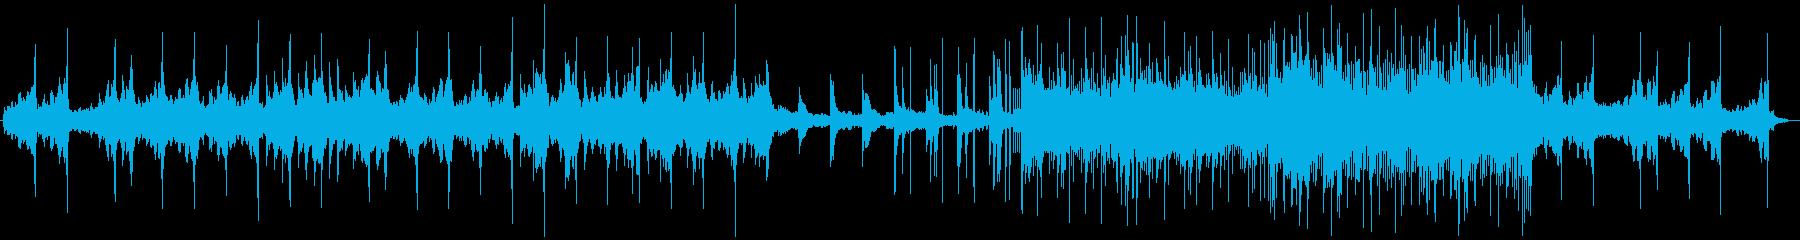 暖かみのあるピアノ・エレクトリックの再生済みの波形